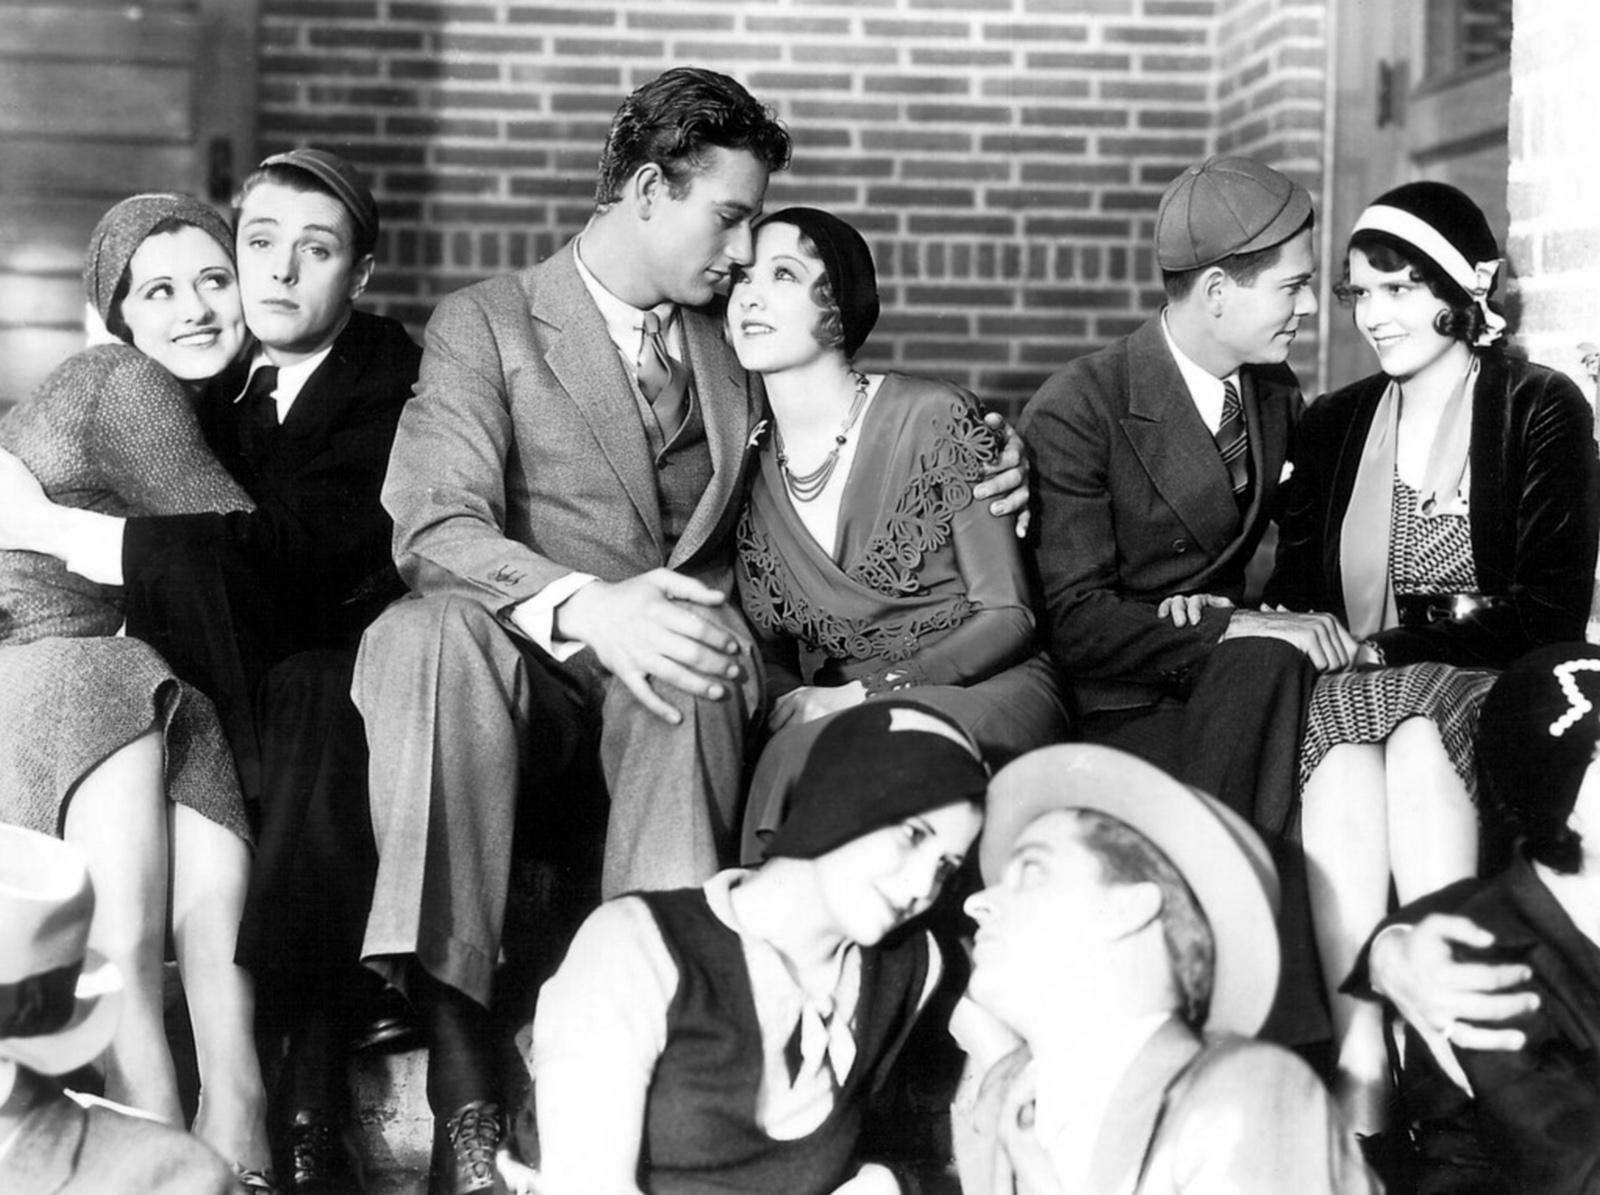 John Wayne with Virginia Cherrill (C).